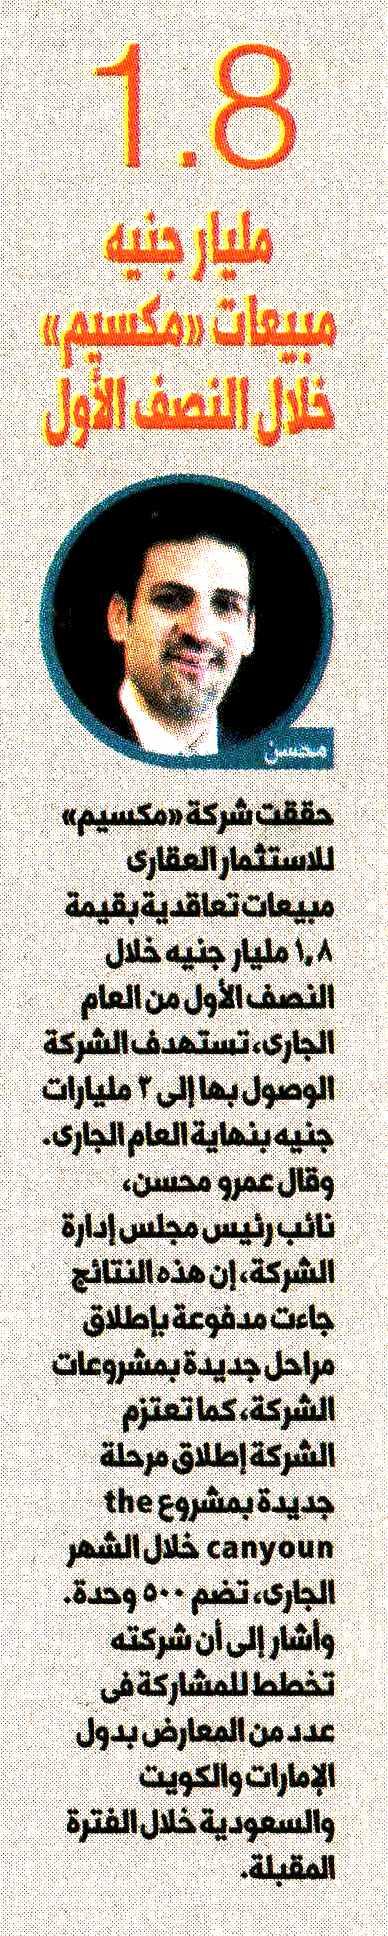 Al Watan 16 Sep P.8 A.jpg